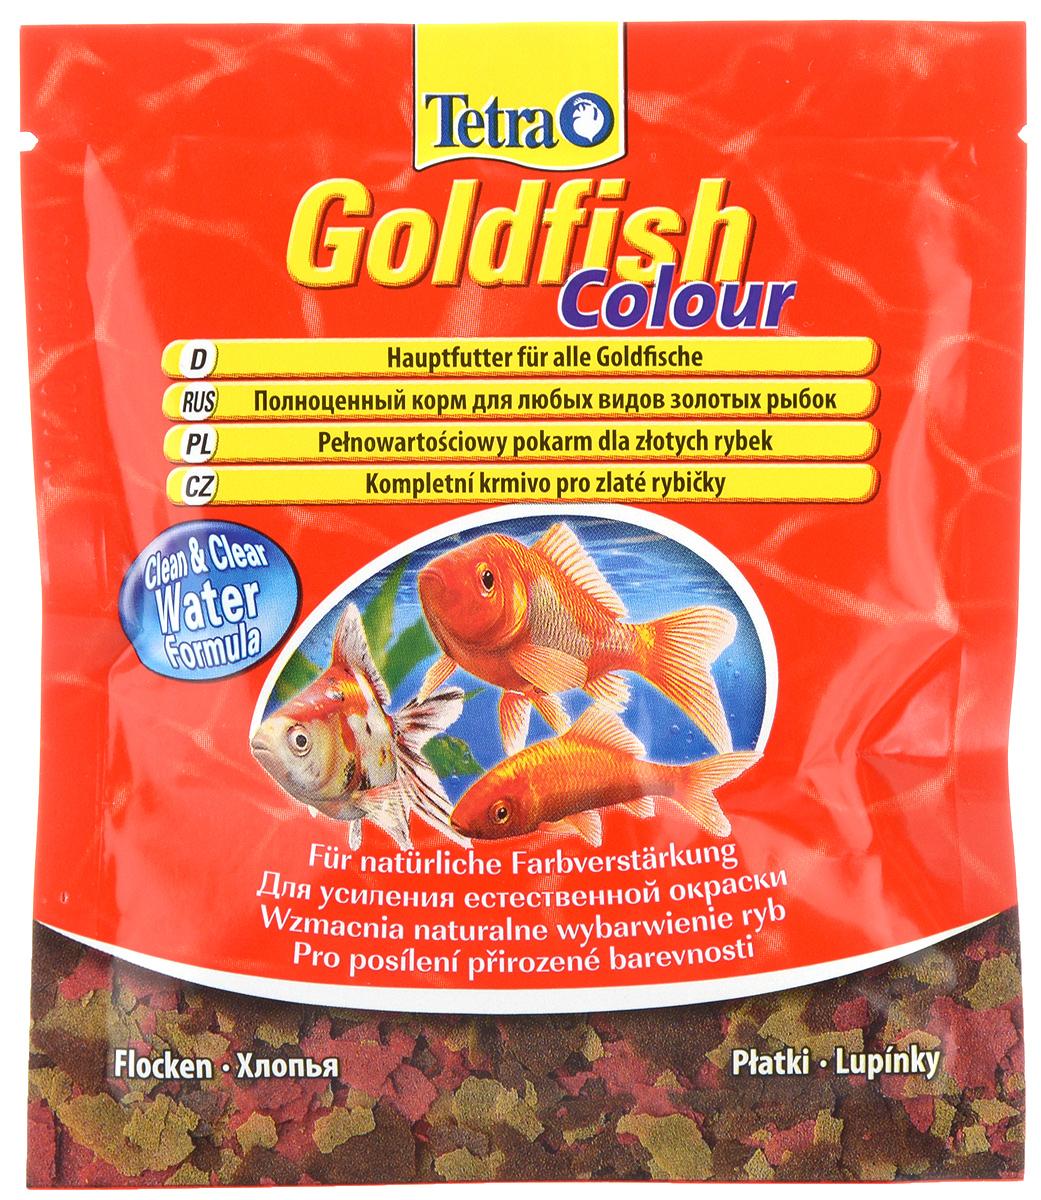 Корм Tetra Goldfish. Colour для улучшения окраса всех видов золотых рыб, хлопья, 12 г24Корм Tetra Goldfish. Colour - высококачественный сбалансированныйпитательный корм для любых видовзолотых рыбок.Особенности Tetra Goldfish. Colour:обогащен каротиноидами для усиления естественной окраски,с формулой Clean & Clear Water для чистой и прозрачной воды изапатентованной формулой BioActive -для продолжительной и здоровой жизни ваших питомцев.Рекомендации по кормлению: кормить несколько раз в день маленькимипорциями. Состав: рыба и побочные рыбные продукты, зерновые культуры, дрожжи,экстракты растительного белка,моллюски и раки, масла и жиры, водоросли, сахар.Пищевая ценность: сырой белок - 43%, сырые масла и жиры - 11%, сыраяклетчатка - 2%, влага - 6%.Добавки: витамины, провитамины и химические вещества с аналогичнымвоздействием: витамин А 29360МЕ/кг, витамин Д3 1830 МЕ/кг. Комбинации элементов: Е5 Марганец 29 мг/кг, Е6Цинк 17 мг/кг, Е1 Железо 11мг/кг, Е3 Кобальт 0,2 мг/кг. Красители, консерванты, антиоксиданты.Товар сертифицирован.